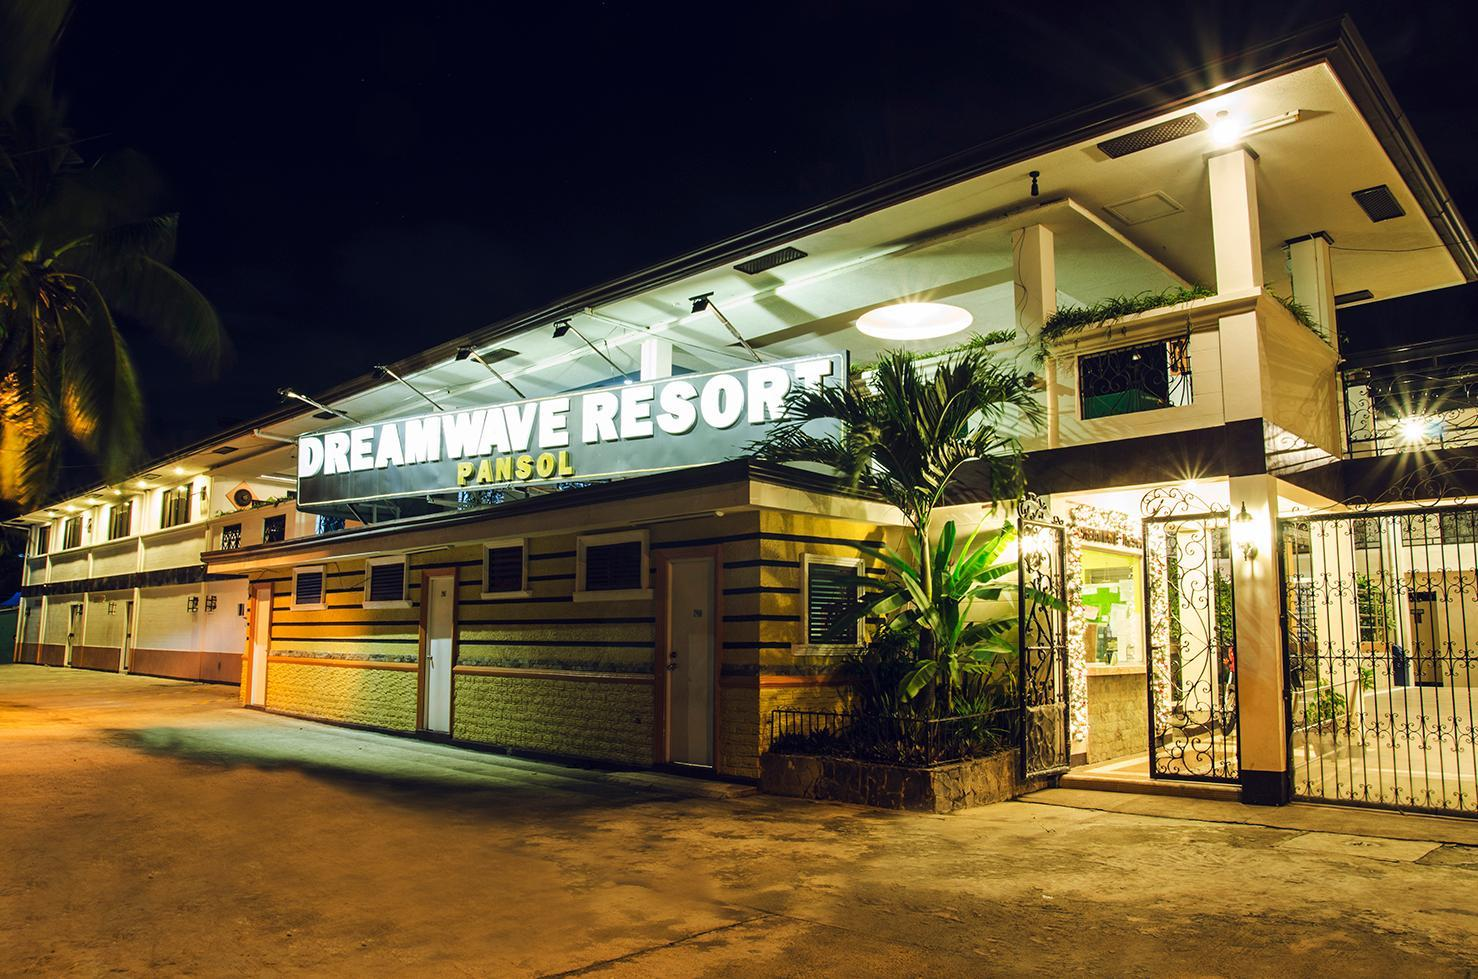 Dreamwave Resort Laguna, Calamba City